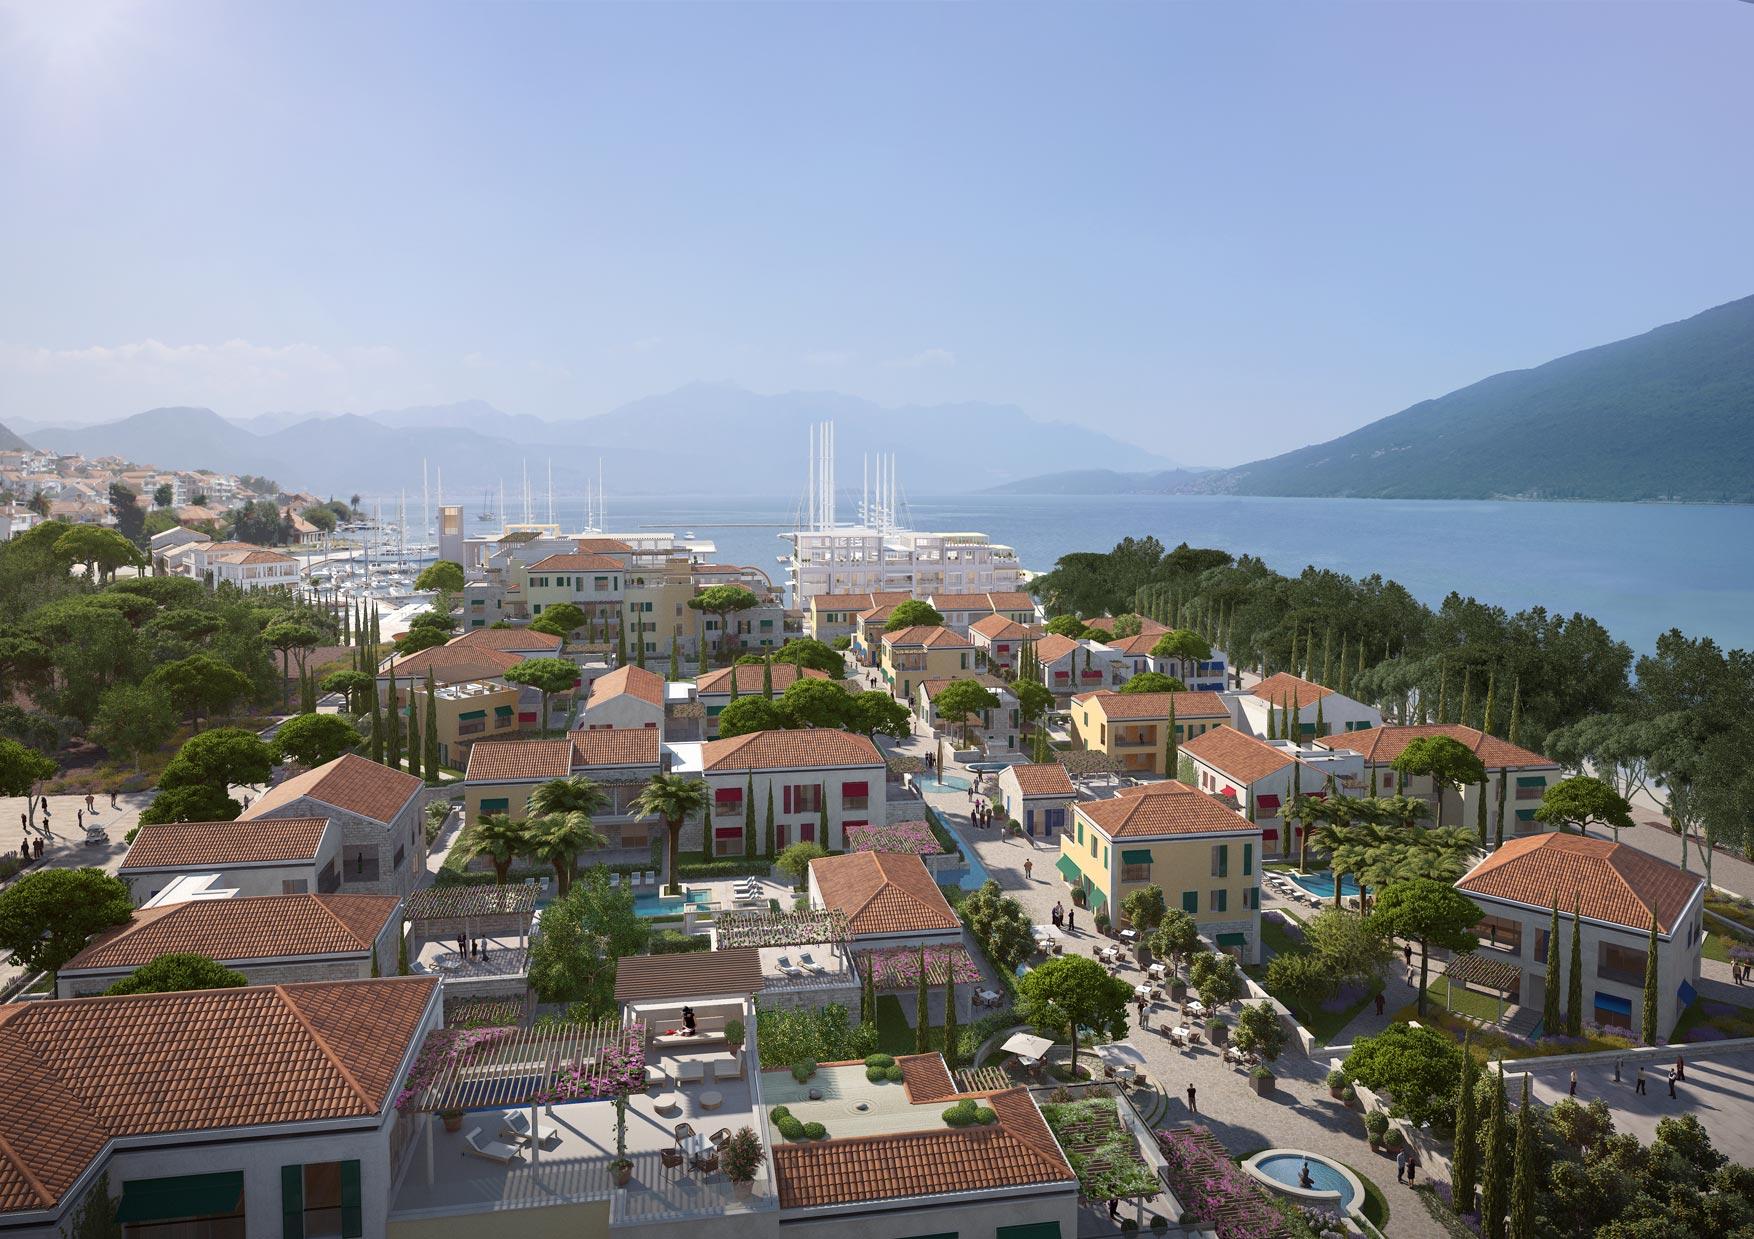 Elite-resort-with-luxury-apartments-in-Herceg-Novi (12).jpg